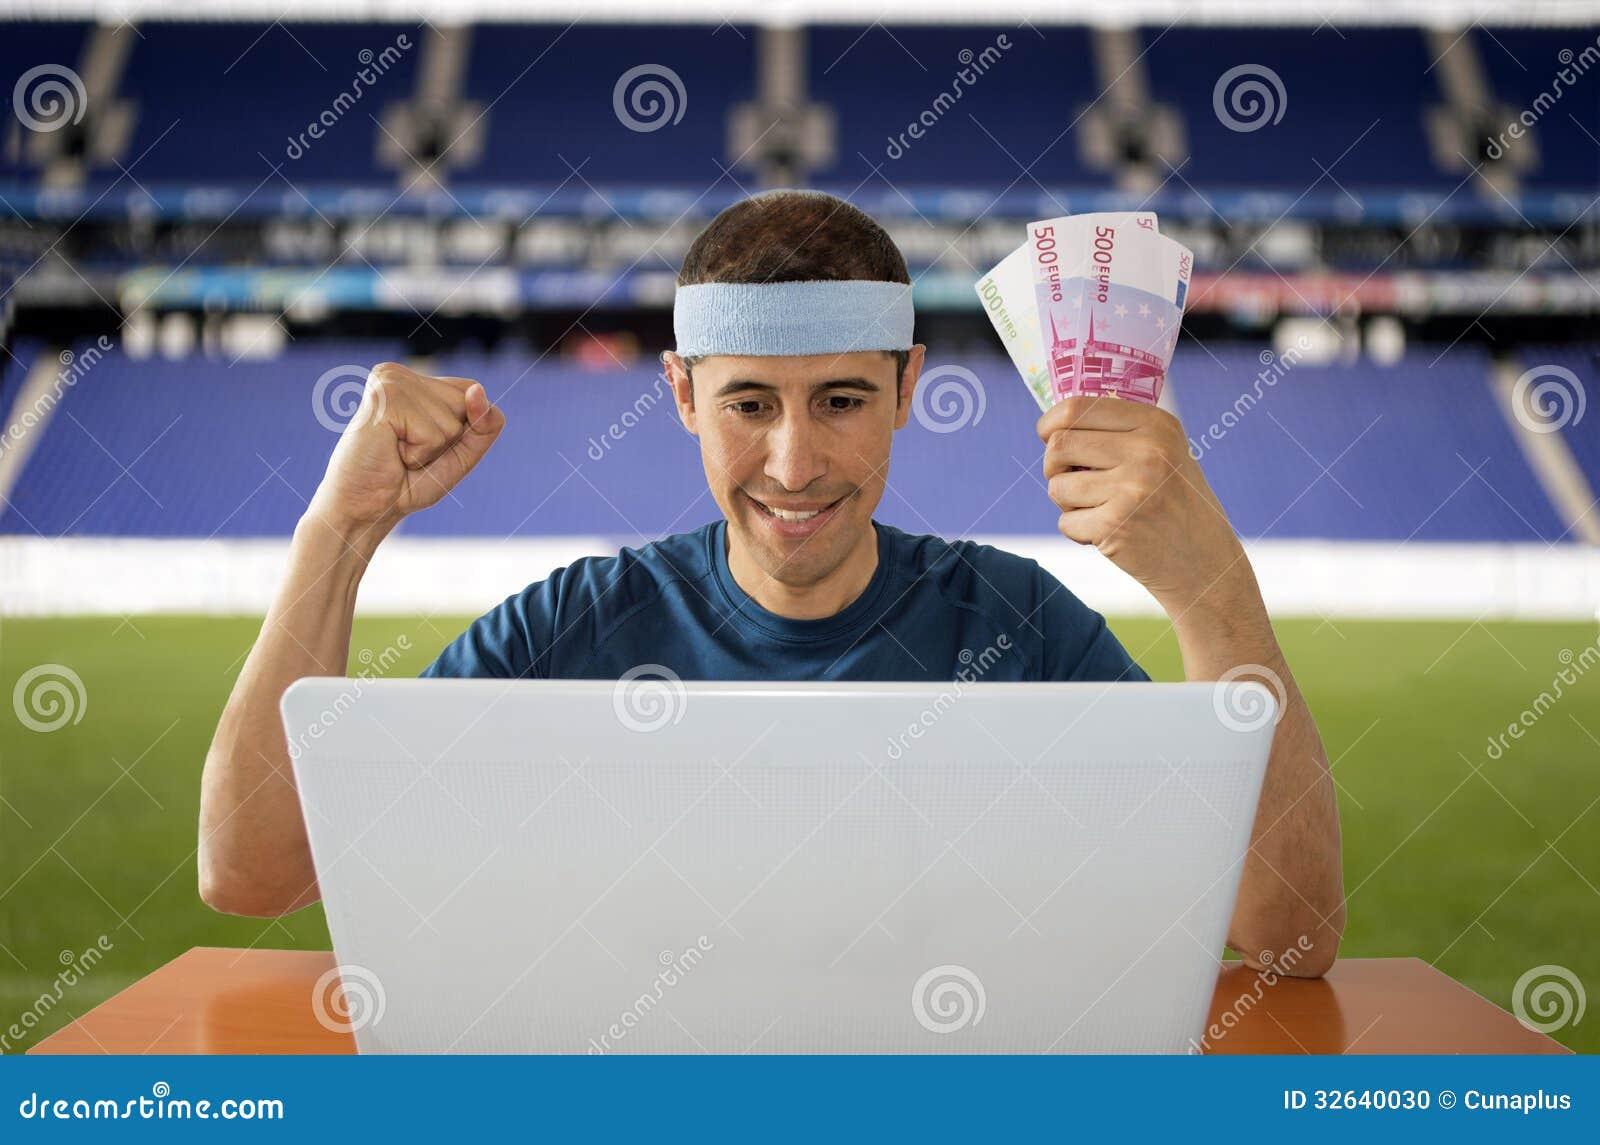 ставки онлайн спортивные